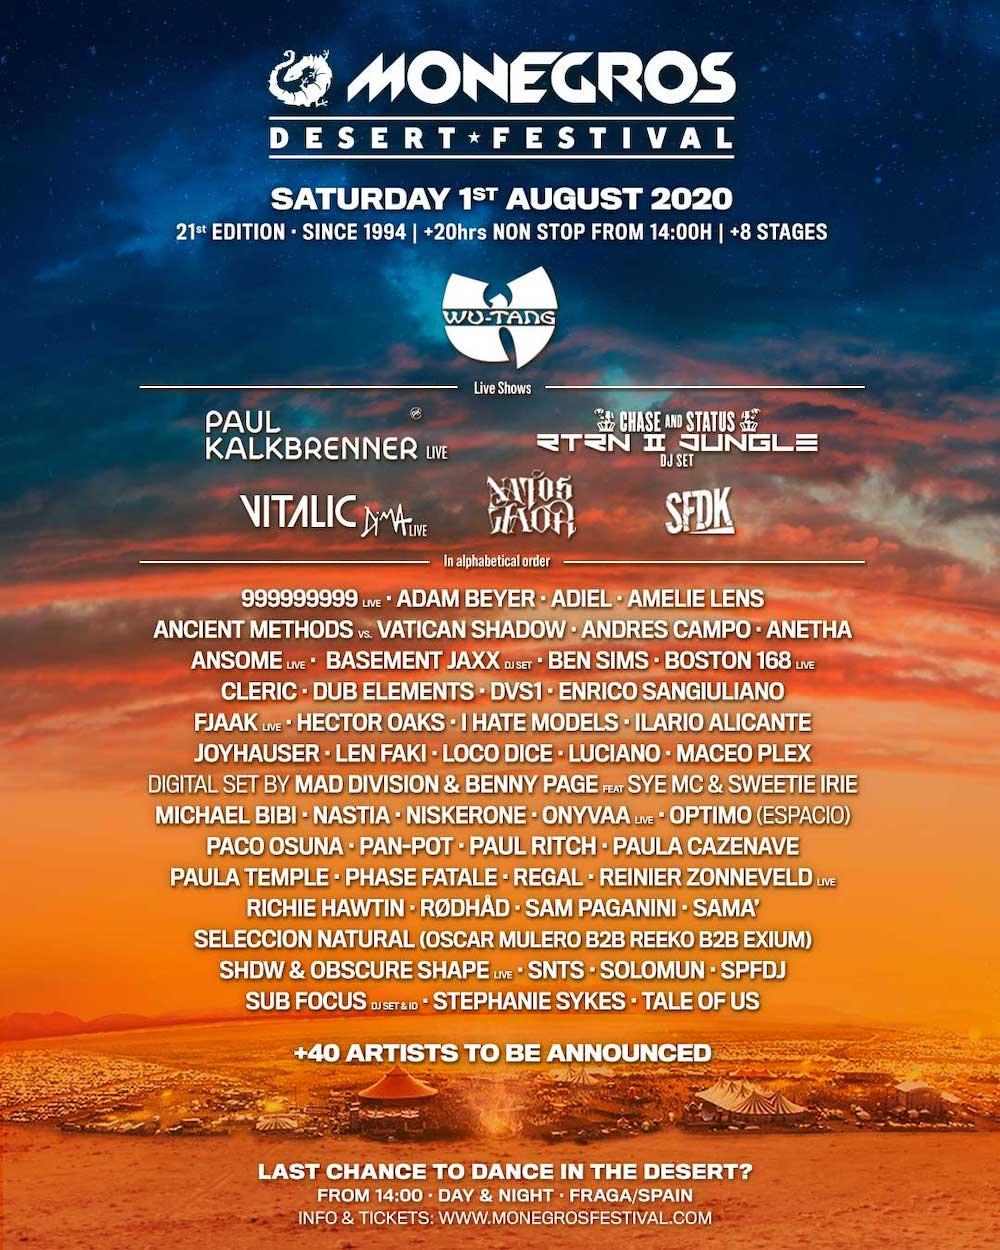 Cartel Monegros Desert Festival 2020